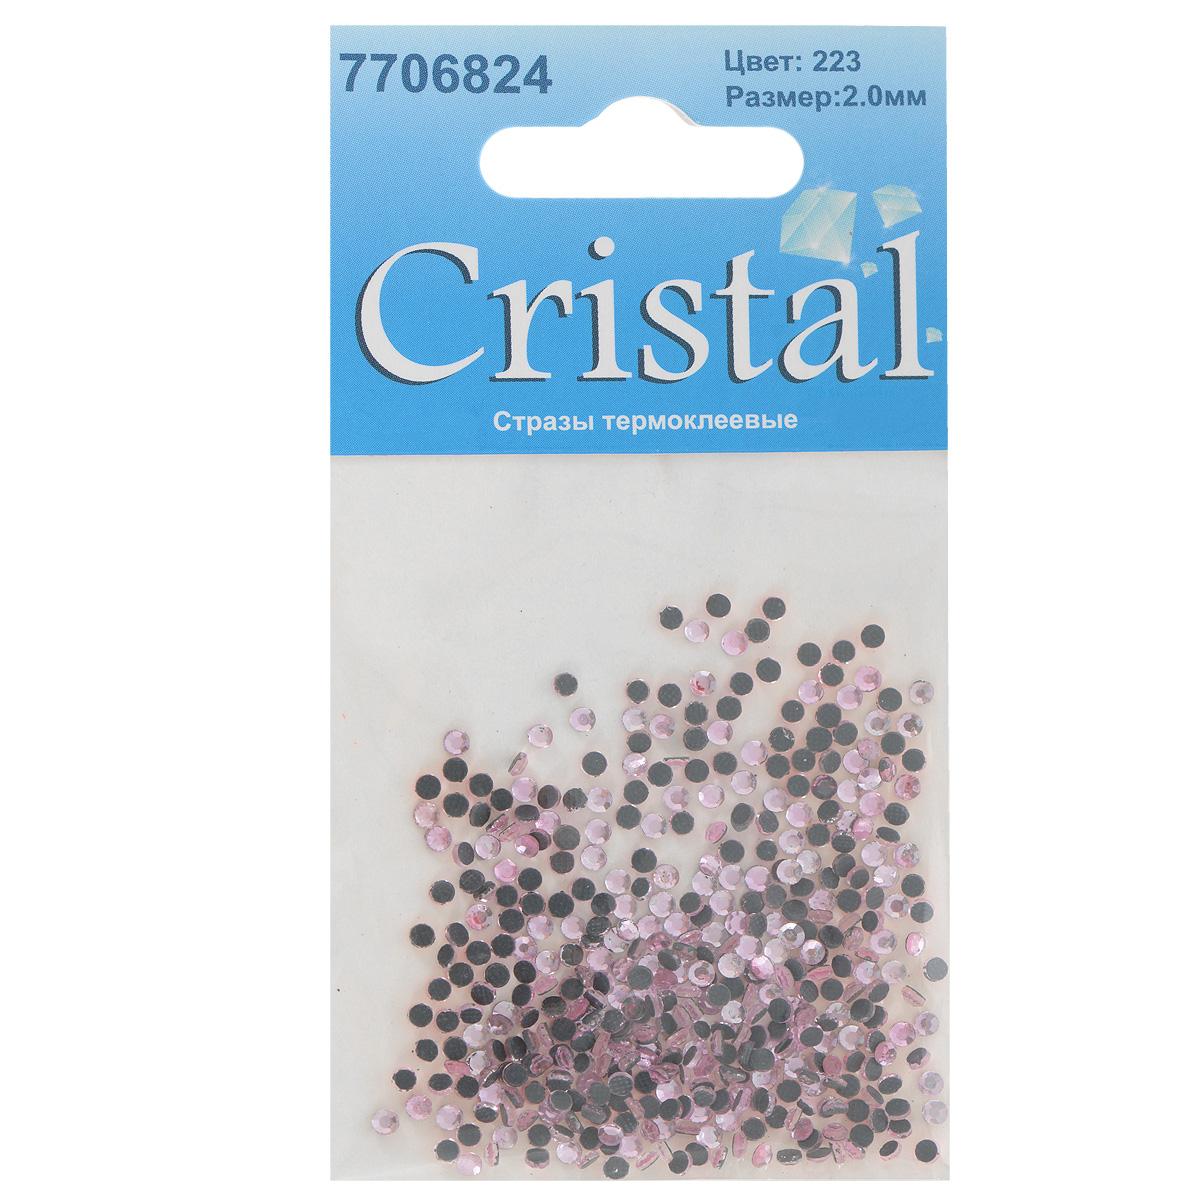 Стразы термоклеевые Cristal, цвет: светло-розовый (223), диаметр 2 мм, 432 шт7706824_223Набор термоклеевых страз Cristal, изготовленный из высококачественного акрила, позволит вам украсить одежду, аксессуары или текстиль. Яркие стразы имеют плоское дно и круглую поверхность с гранями. Дно термоклеевых страз уже обработано особым клеем, который под воздействием высоких температур начинает плавиться, приклеиваясь, таким образом, к требуемой поверхности. Чаще всего их используют в текстильной промышленности: стразы прикладывают к ткани и проглаживают утюгом с обратной стороны. Также можно использовать специальный паяльник. Украшение стразами поможет сделать любую вещь оригинальной и неповторимой. Диаметр страз: 2 мм.